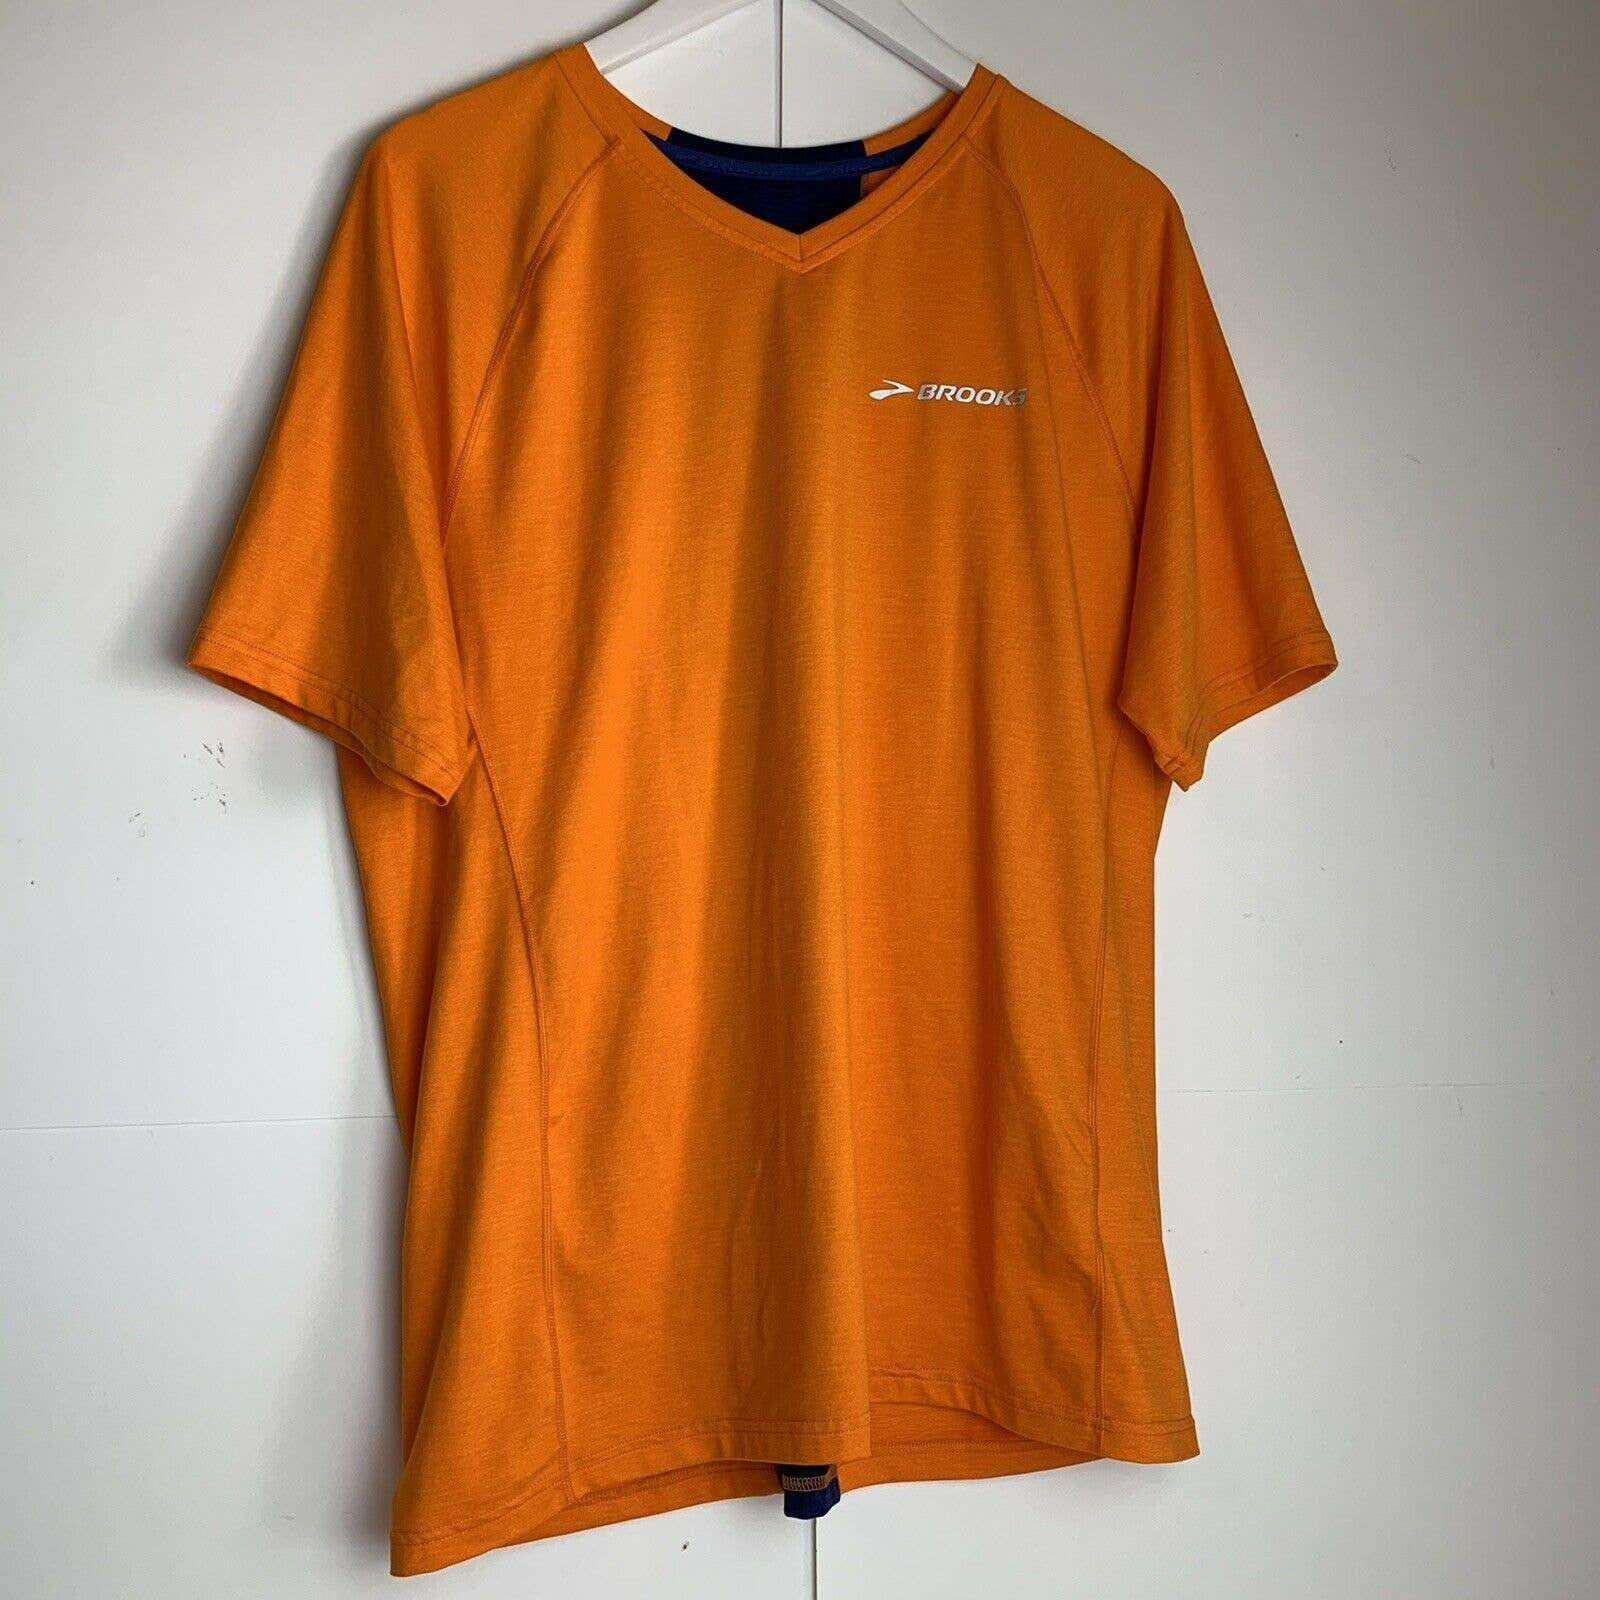 Brooks Equilibrium athletic shirt v neck